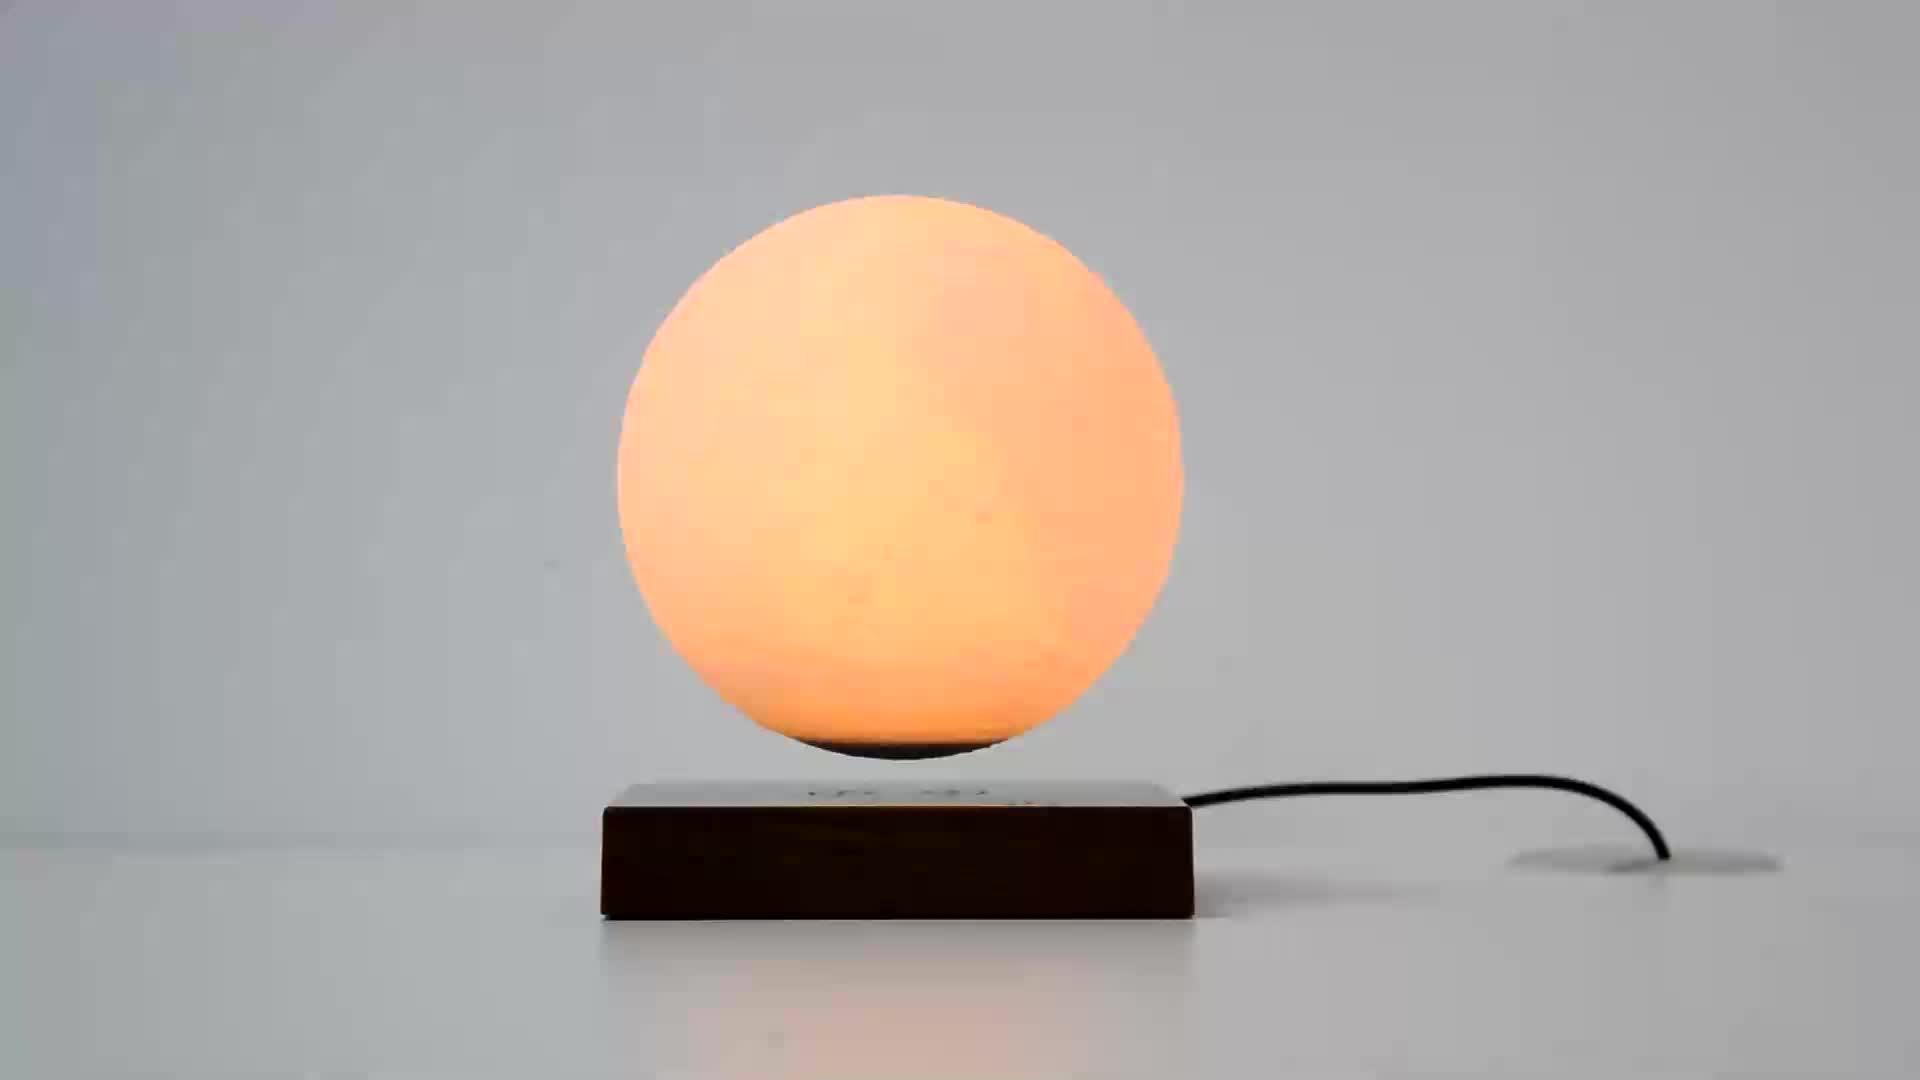 Commercio all'ingrosso Magnetic Levitating Luna Lampada A Forma di Luce di Notte Con La Rotante Elettrico 3d Stampa Galleggiante Lampada Luna